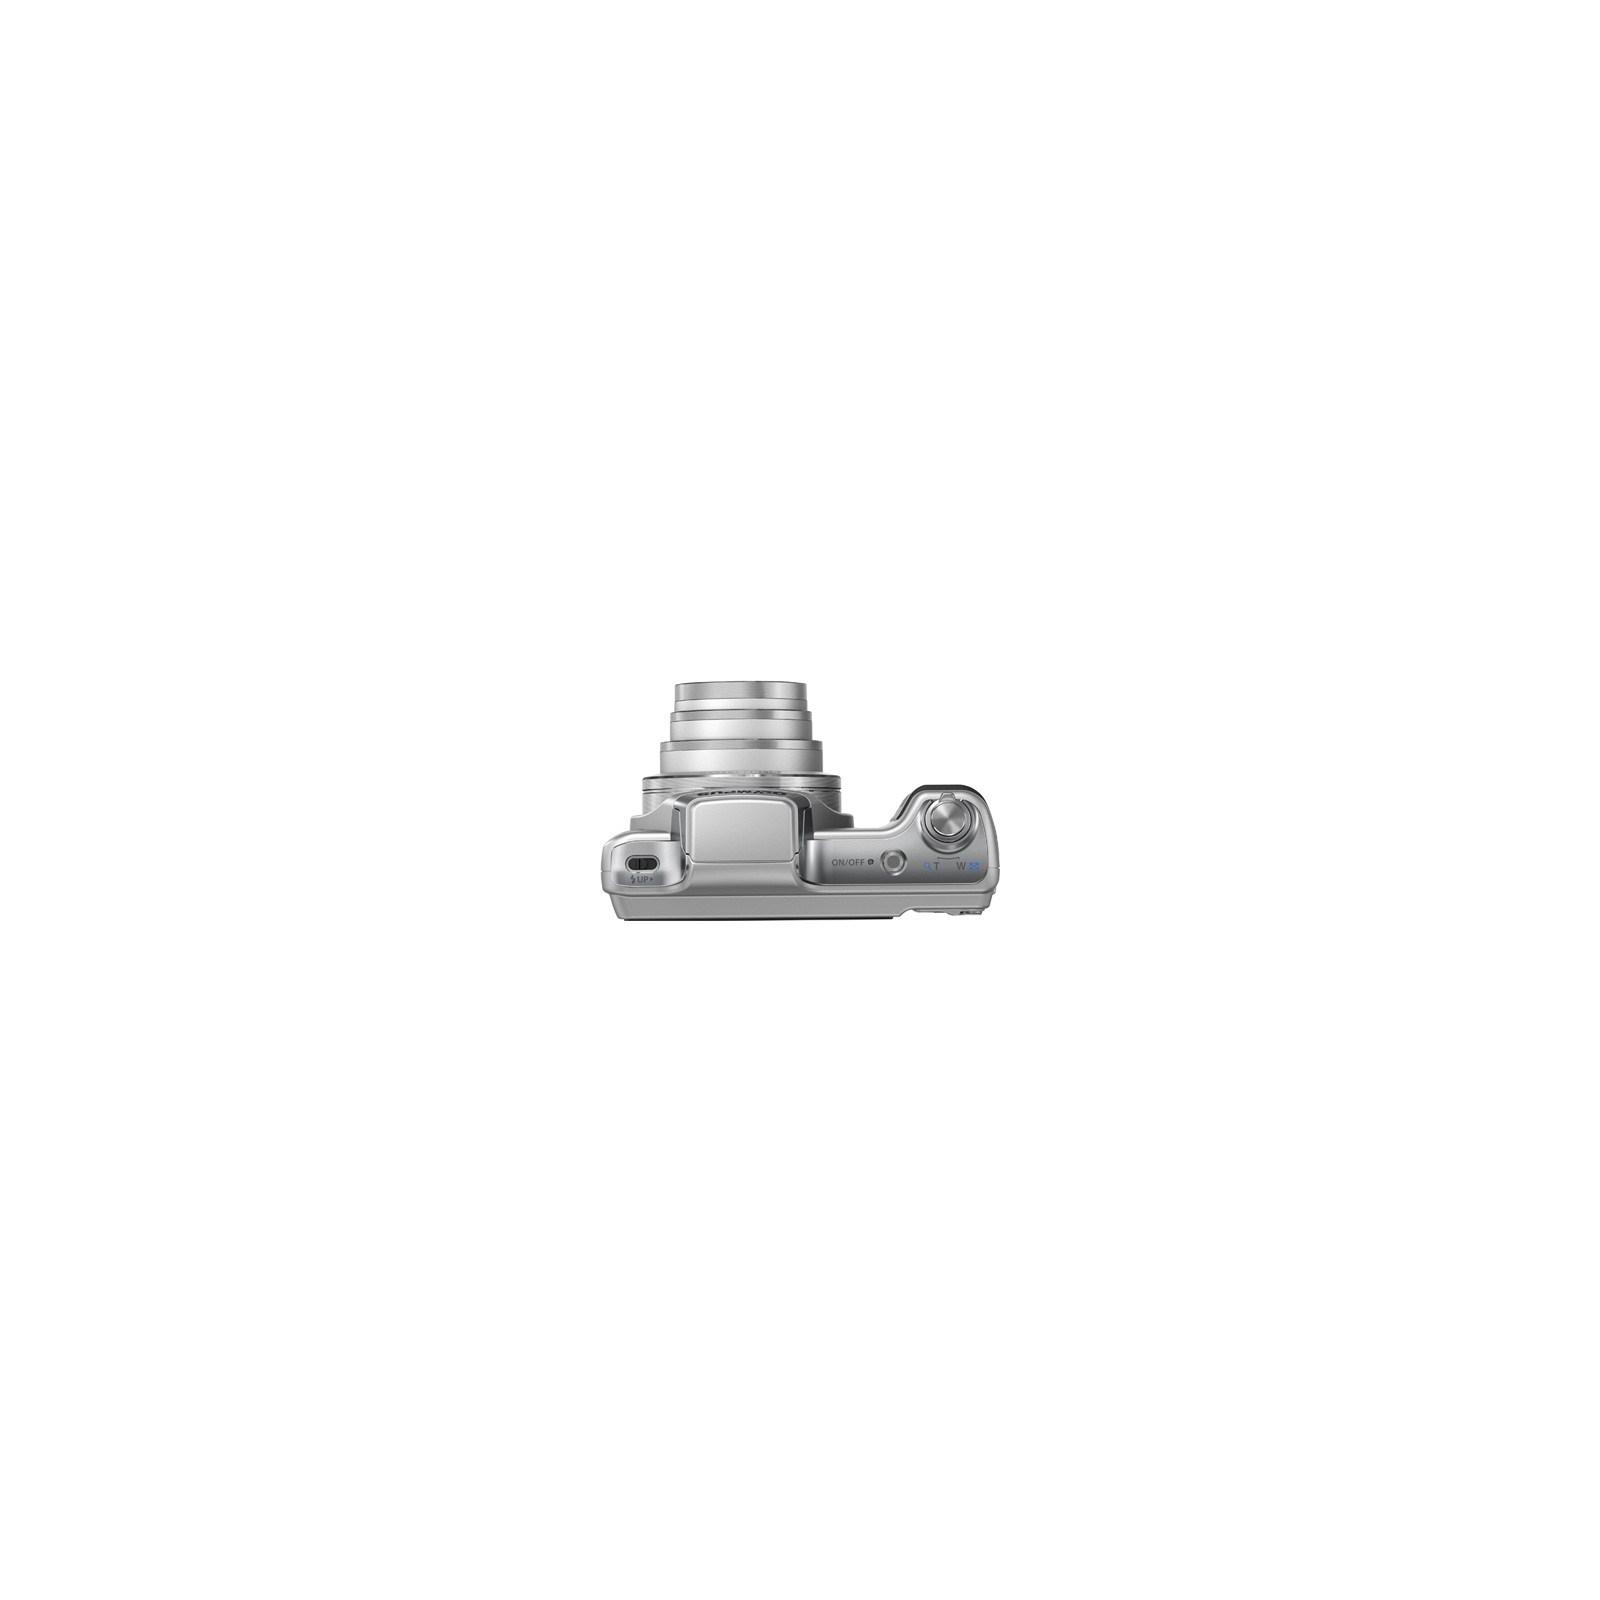 Цифровой фотоаппарат OLYMPUS SZ-15 silver (V102110SE000) изображение 3